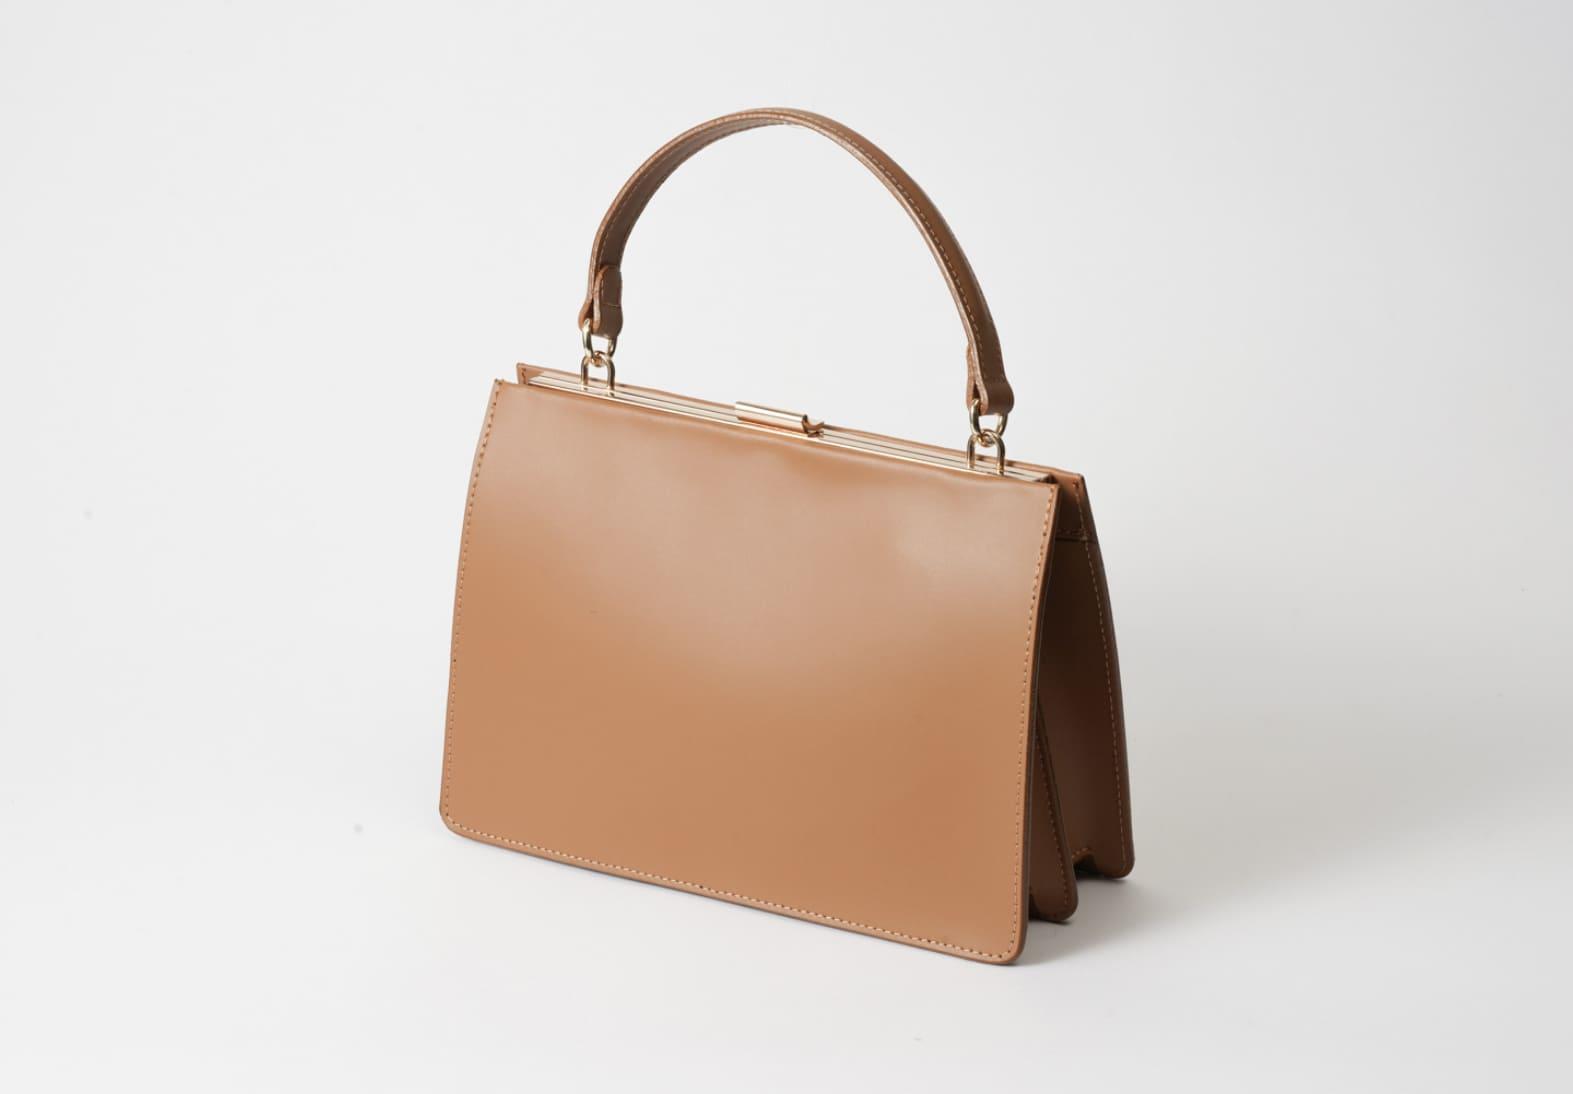 イタリアの質の高い牛革を使用したaulenttiのハンドバッグはいろんなコーデに使える